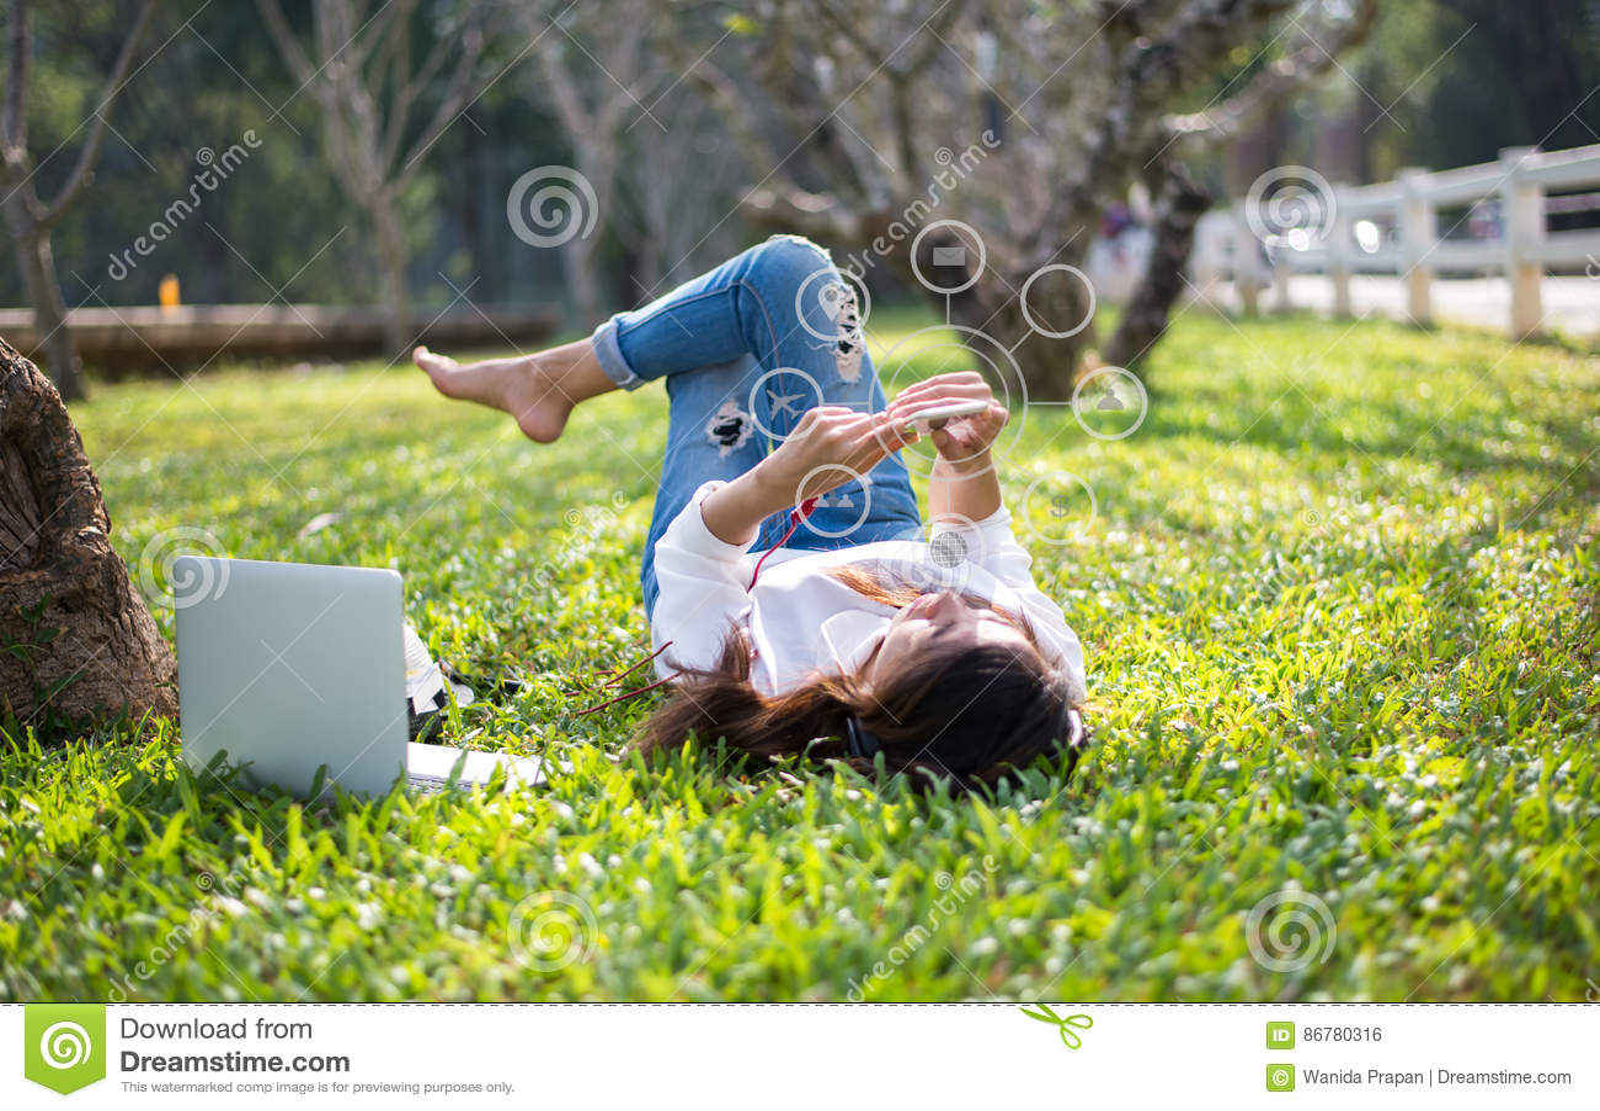 Donne che usando acquisto di pagamenti mobili e la for Siti acquisto mobili online